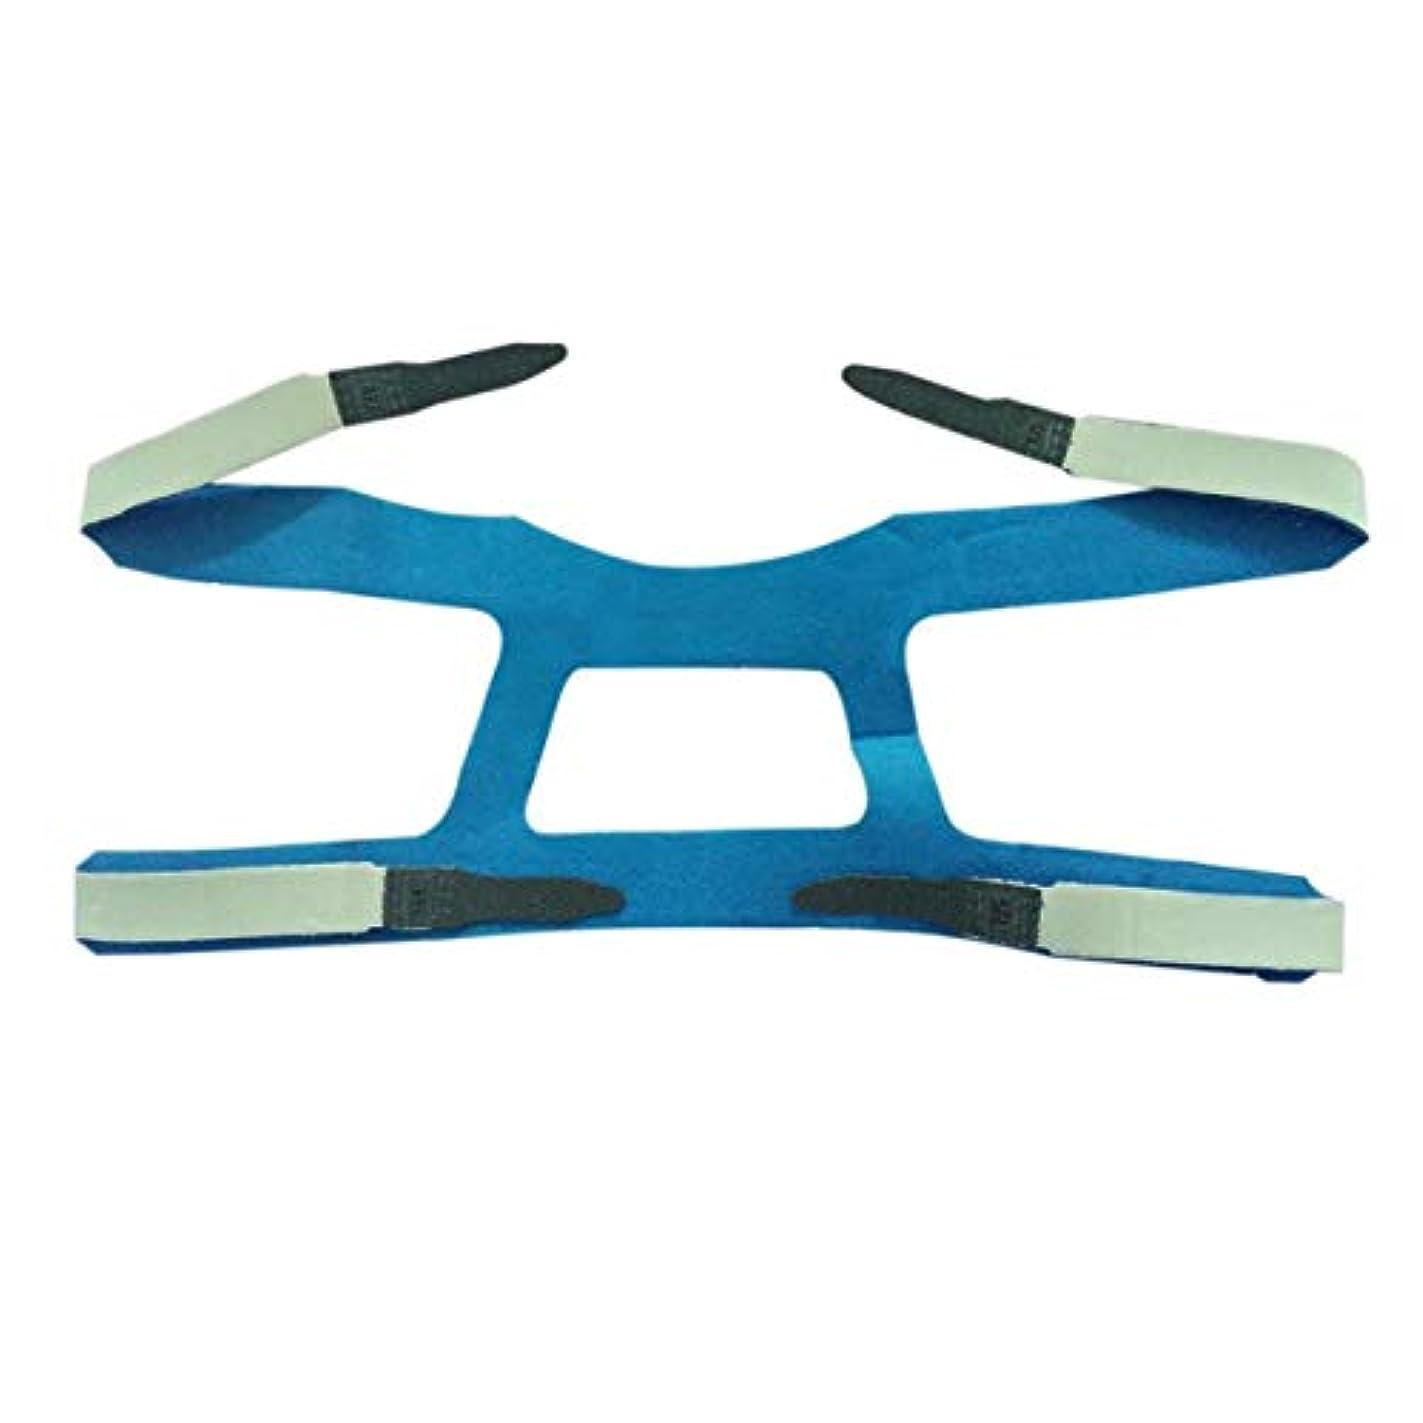 歩き回る並外れて力ユニバーサルデザインのヘッドギアコンフォートゲルフルマスク安全な環境交換CPAPヘッドバンドなしPHILPS